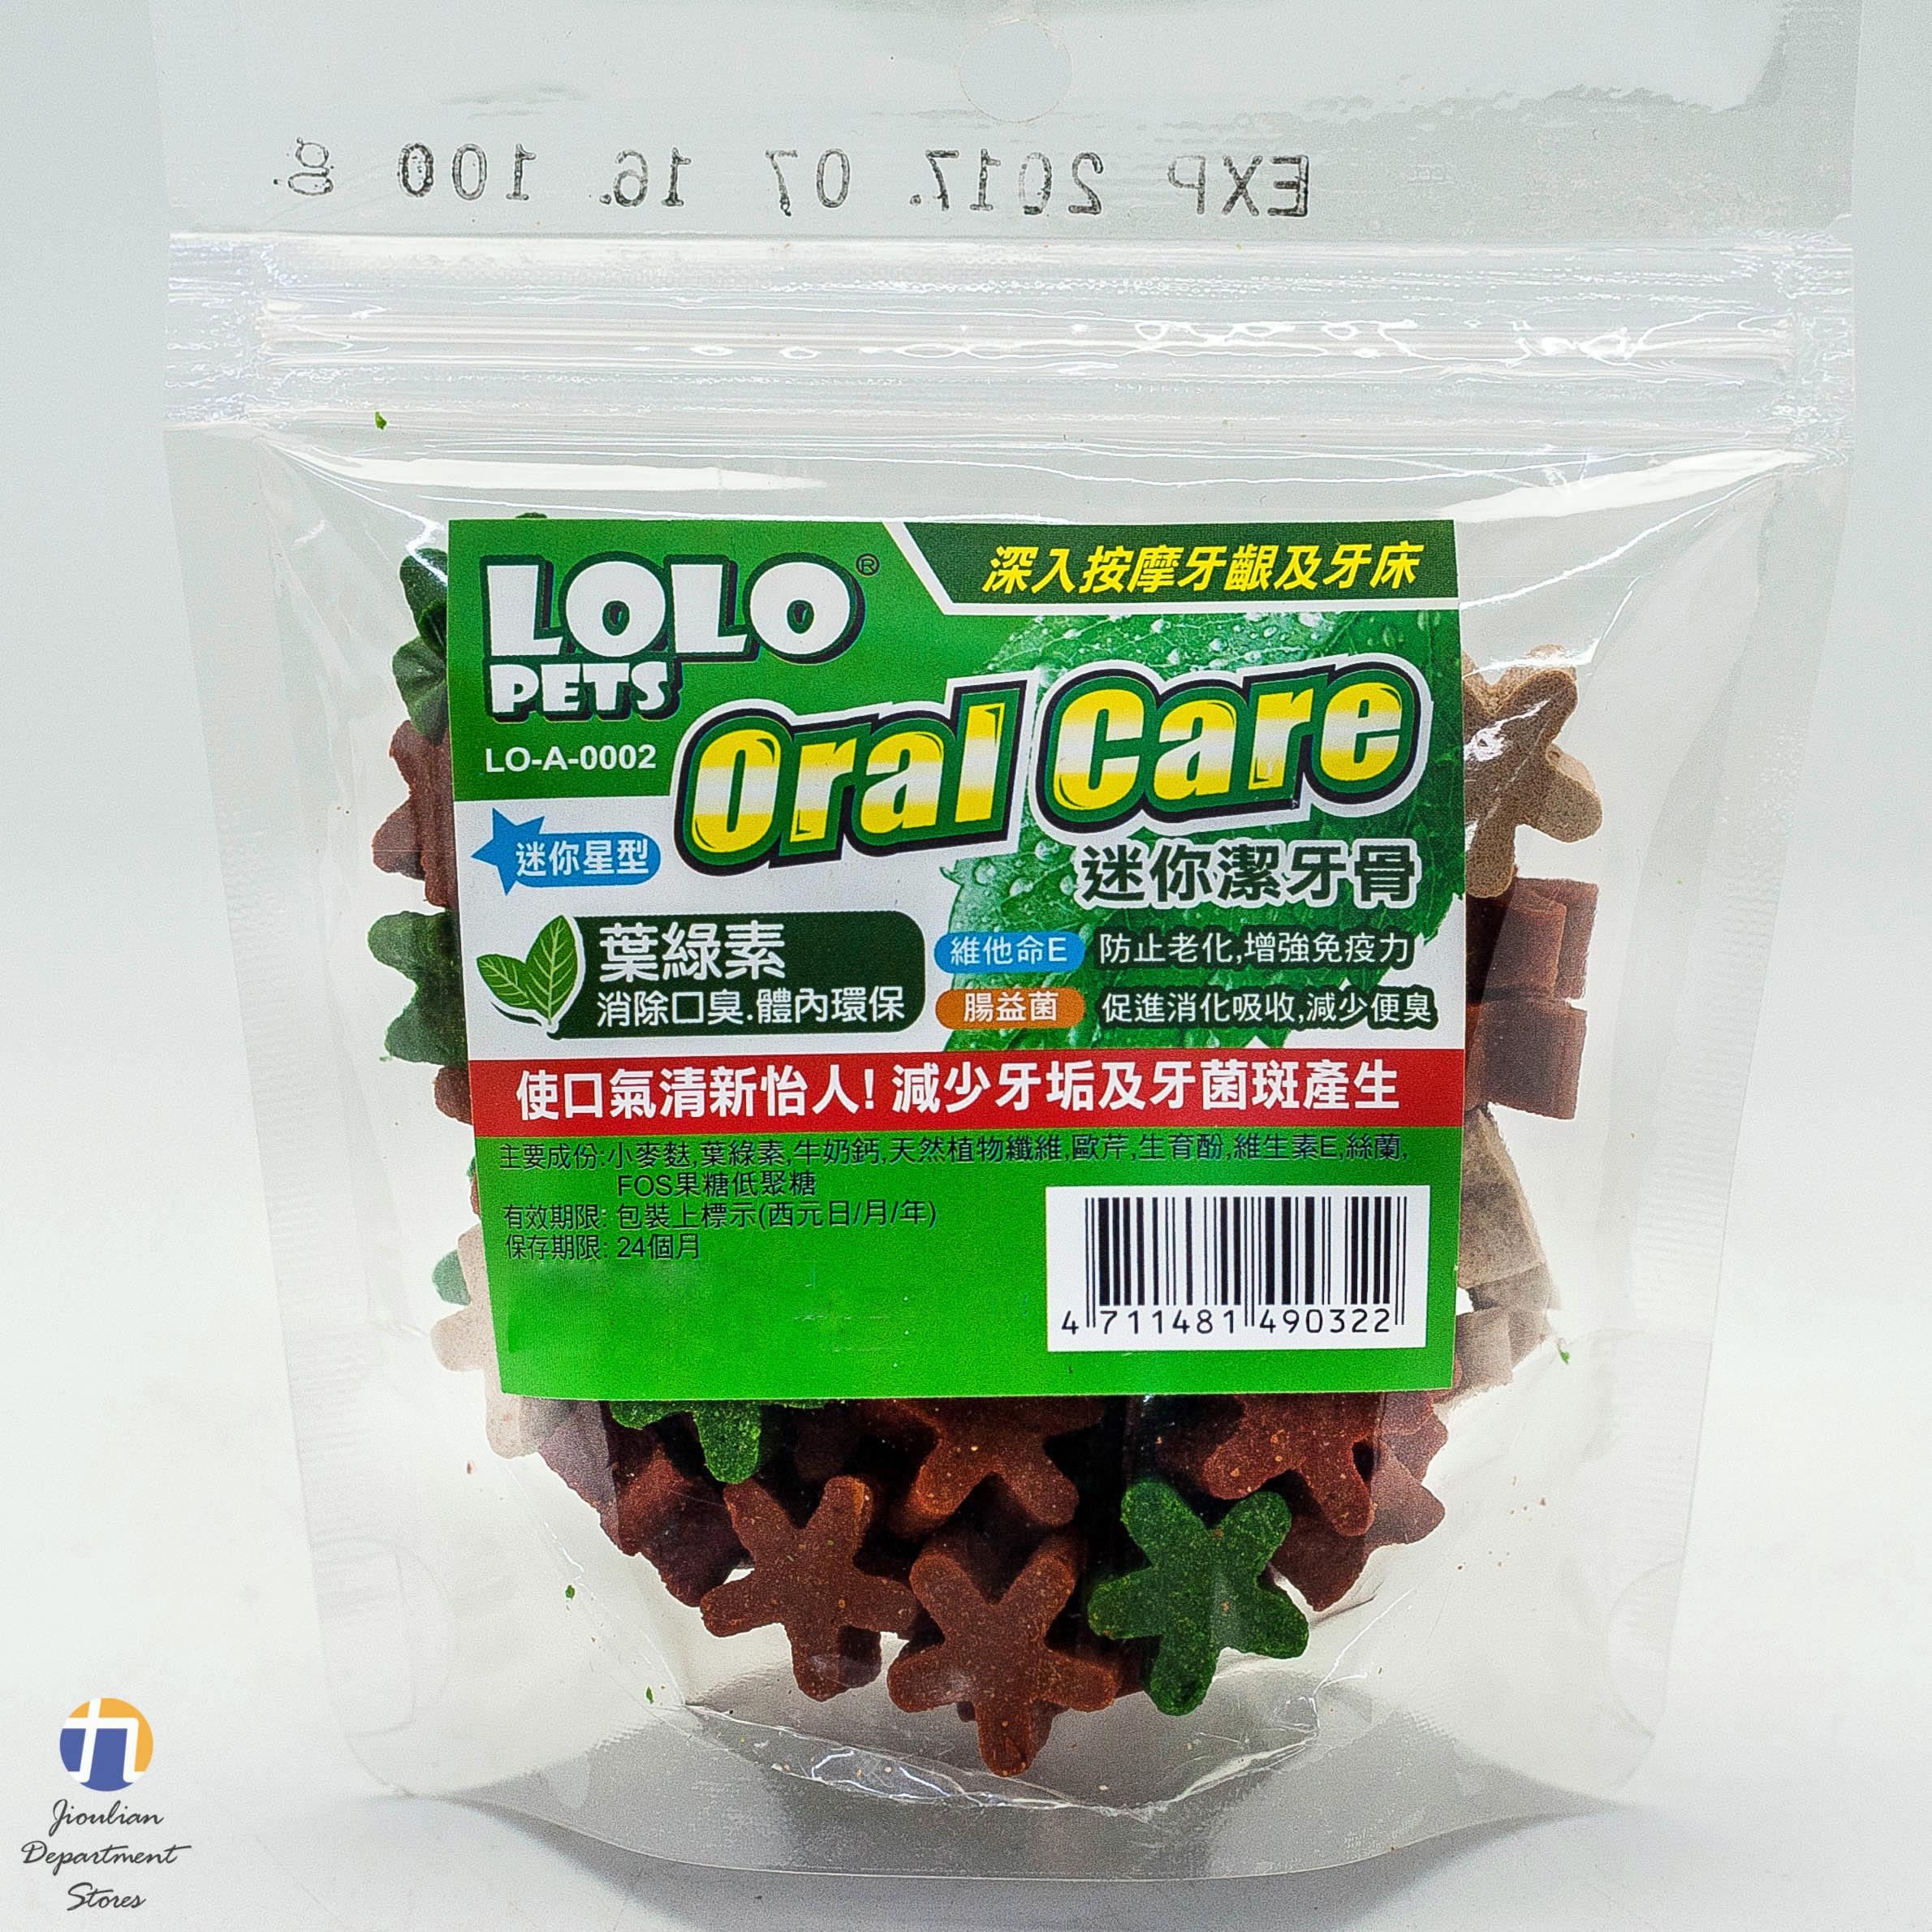 {九聯百貨} LOLO pet Oral care 迷你潔牙骨 100g (迷你星型)